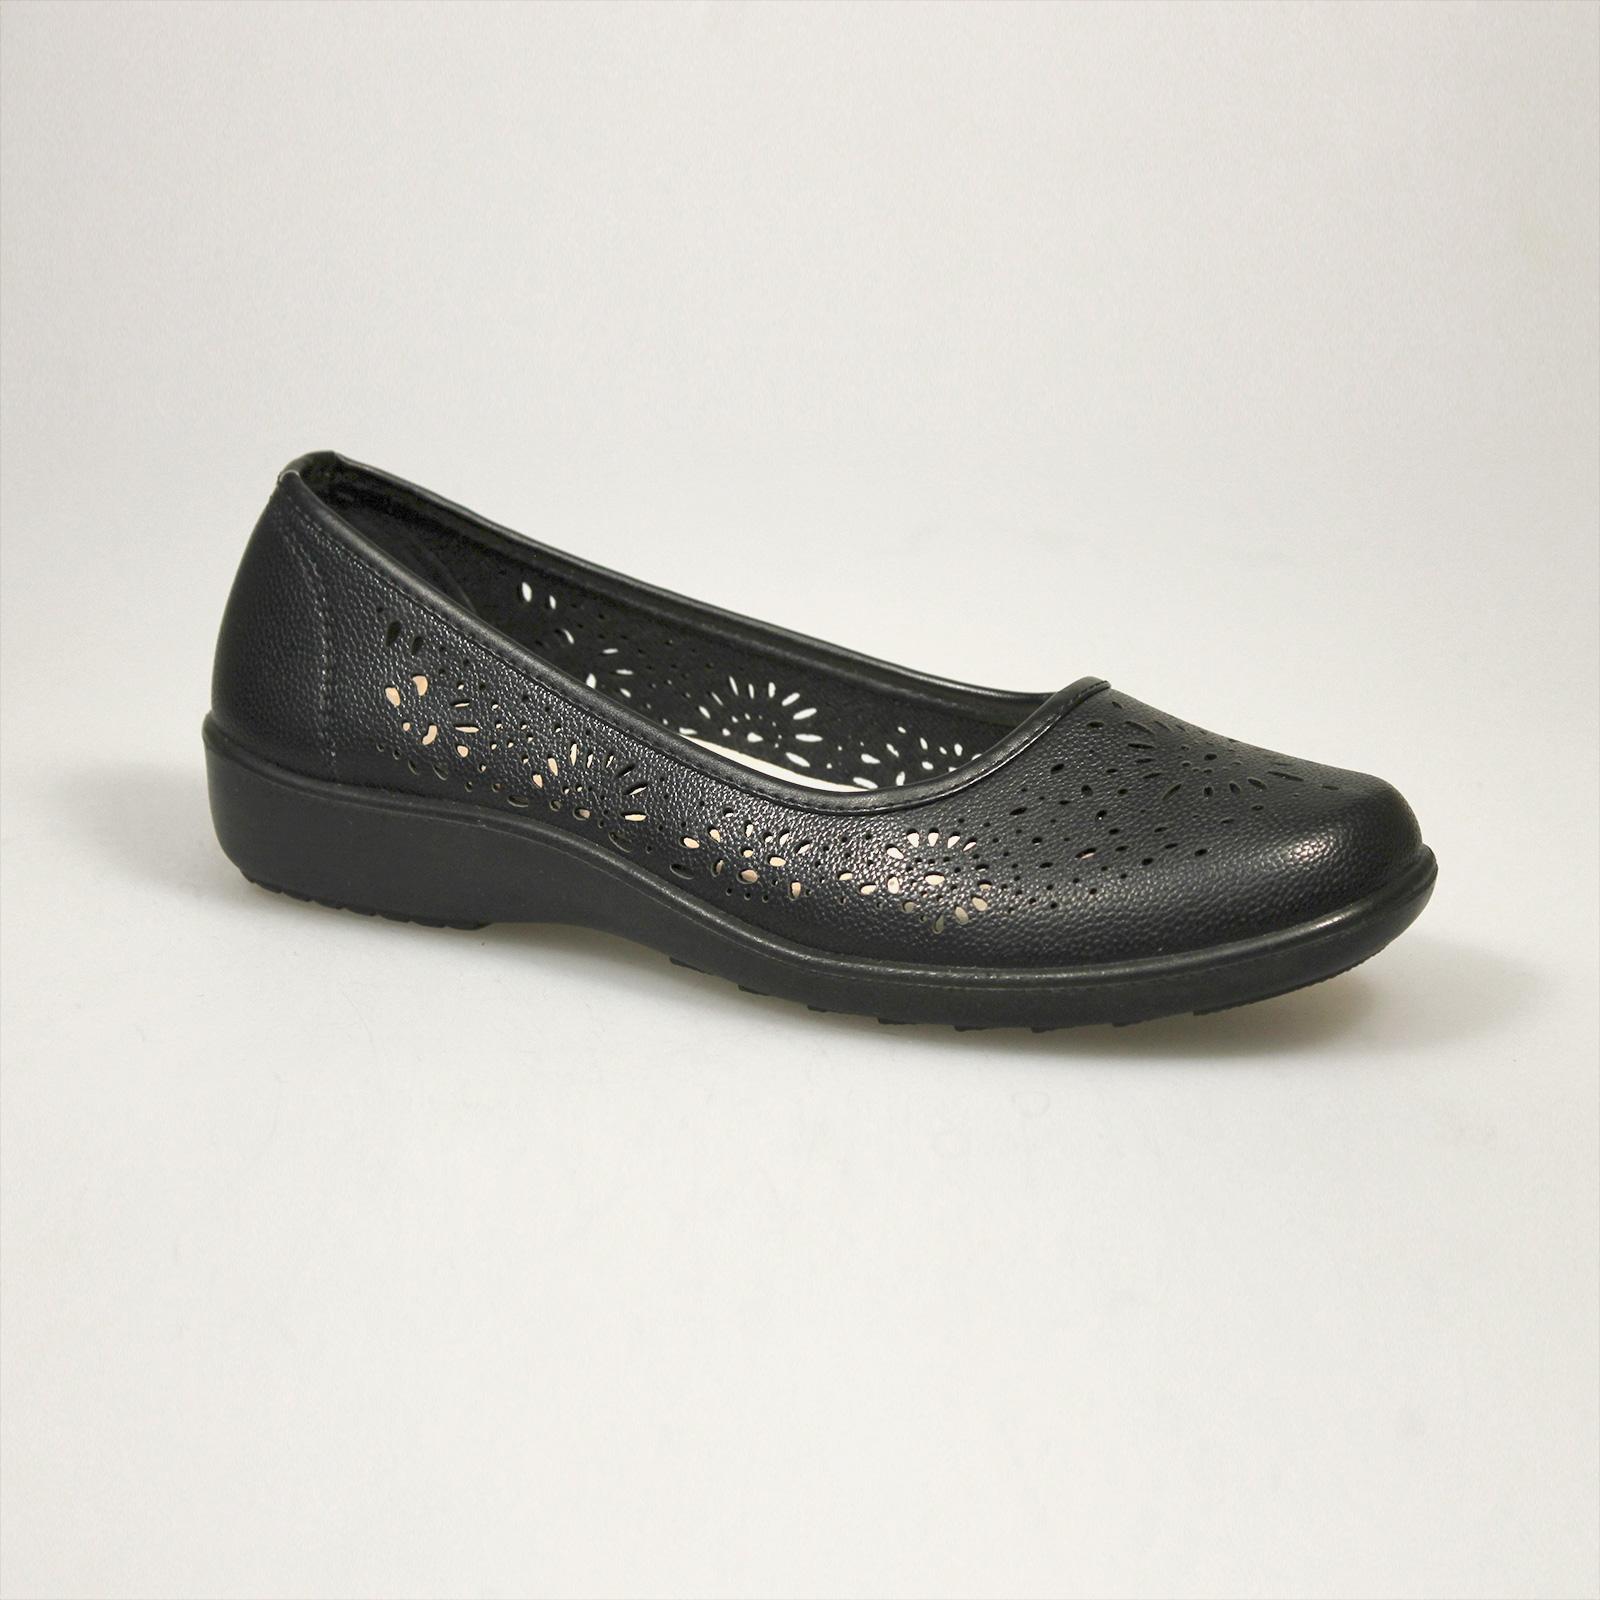 Туфли женские летние декорированные узорной перфорацией